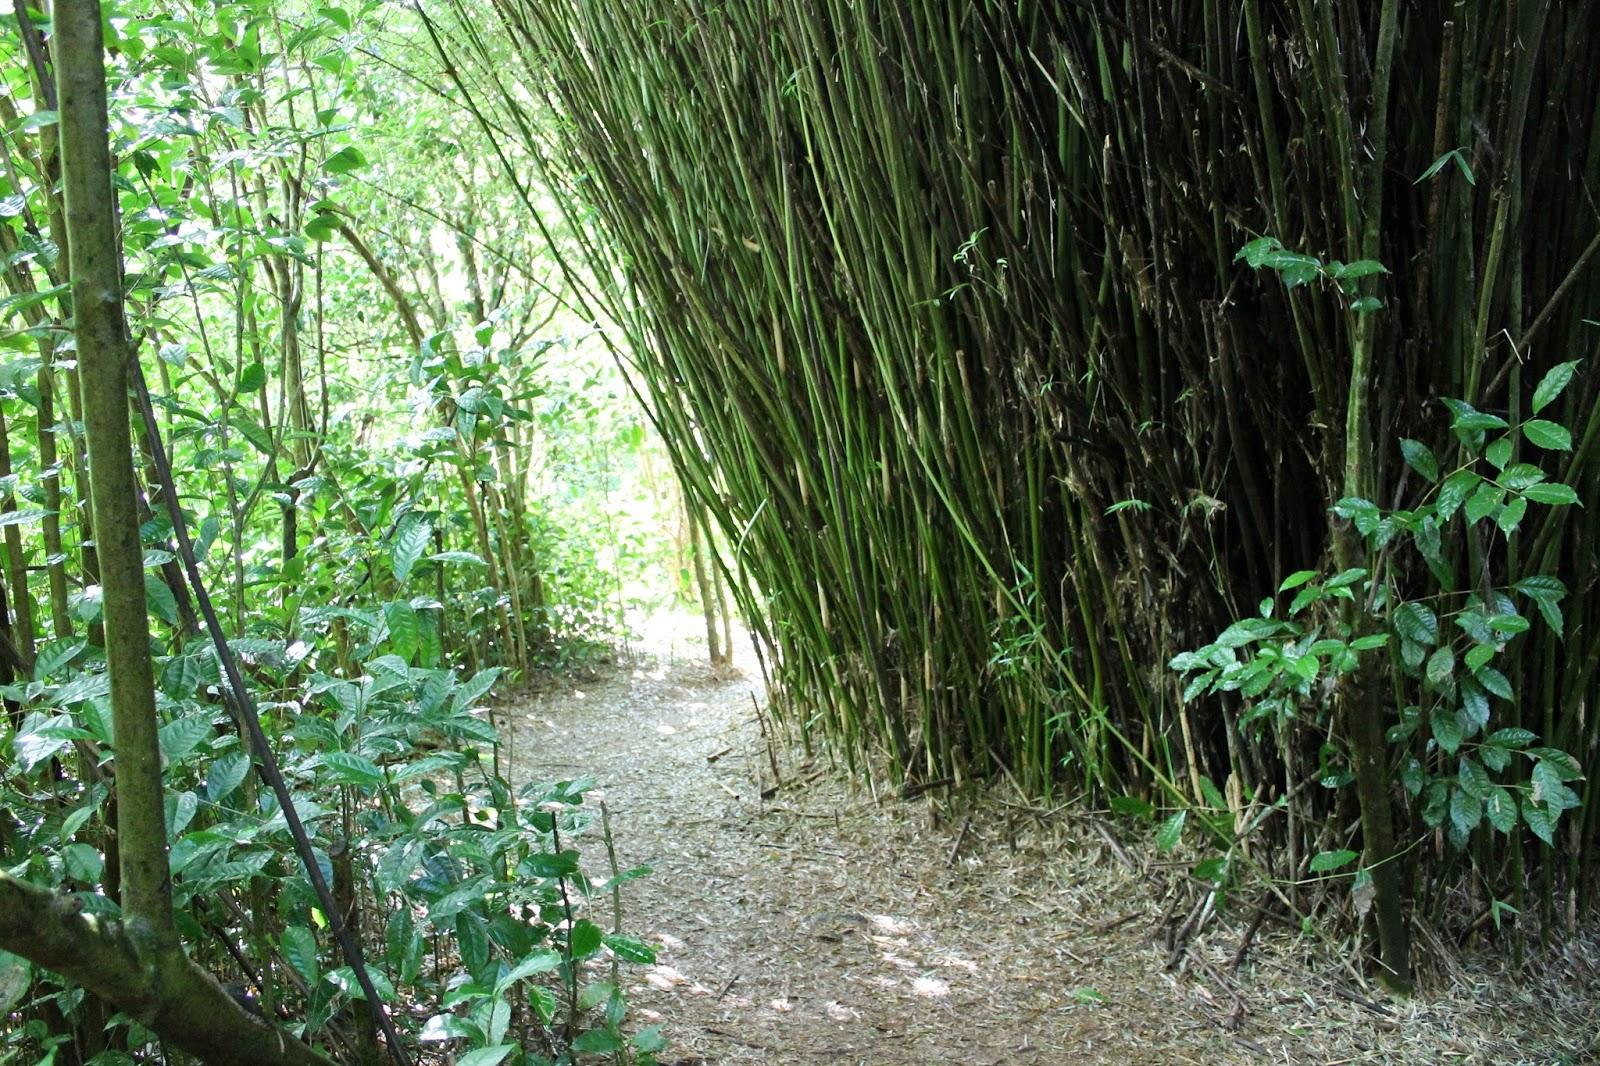 réunion île gotoreunion labyrinthe en champ thé tea grand coude visite à faire jumbocar irt tourisme 974 bambou chemin